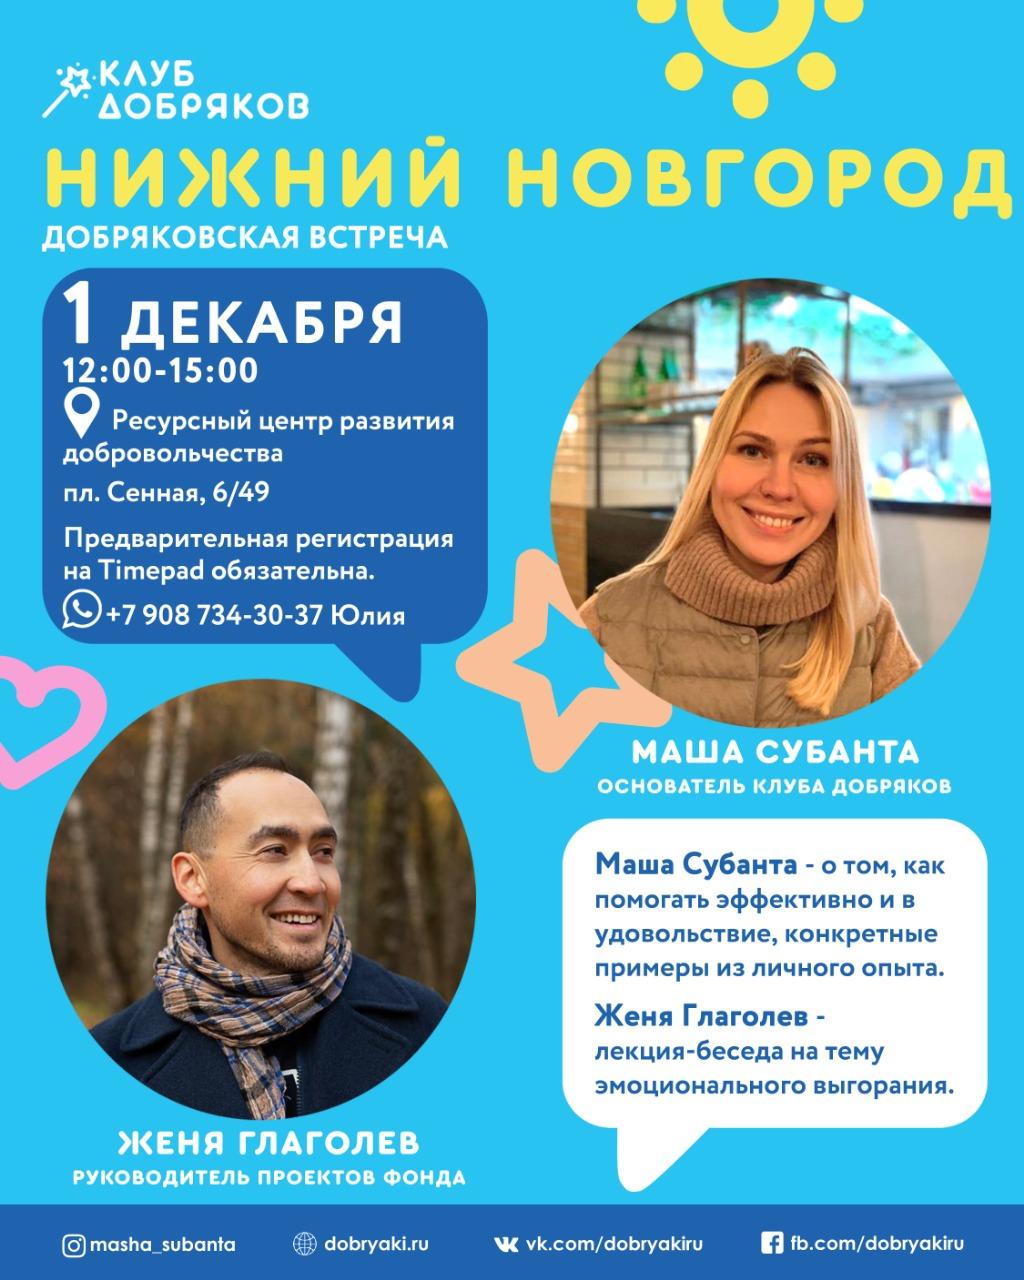 В Нижнем Новгороде состоится встреча добряков с Машей Субанта и Женей Глаголевым